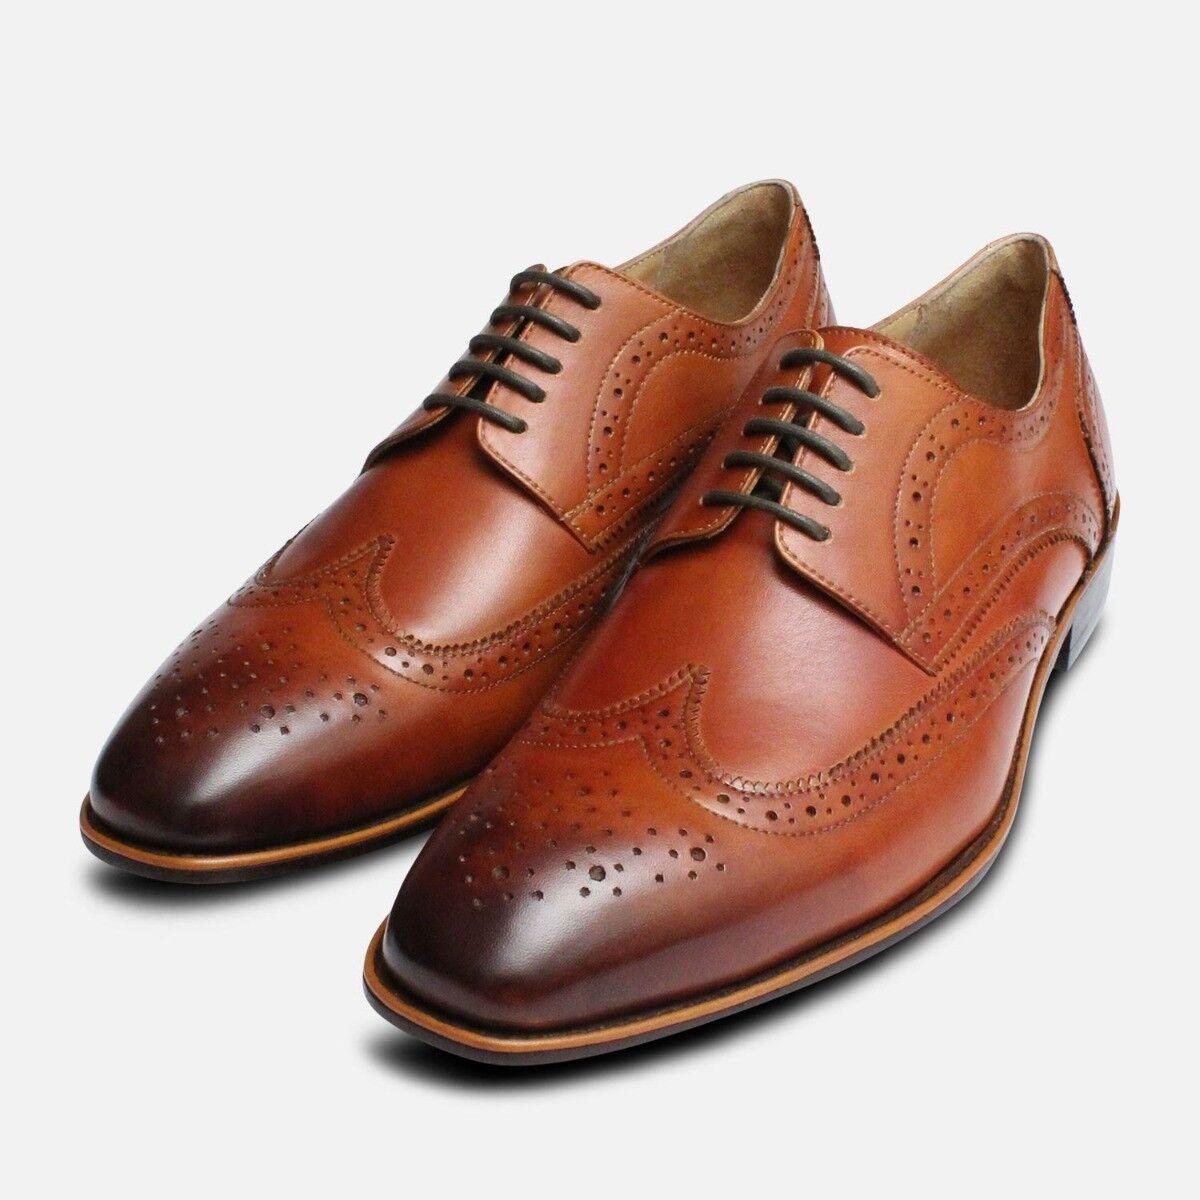 Marroneee Wingtip Scarpe con Lacci Brogues Francesine da Arthur Knight scarpe